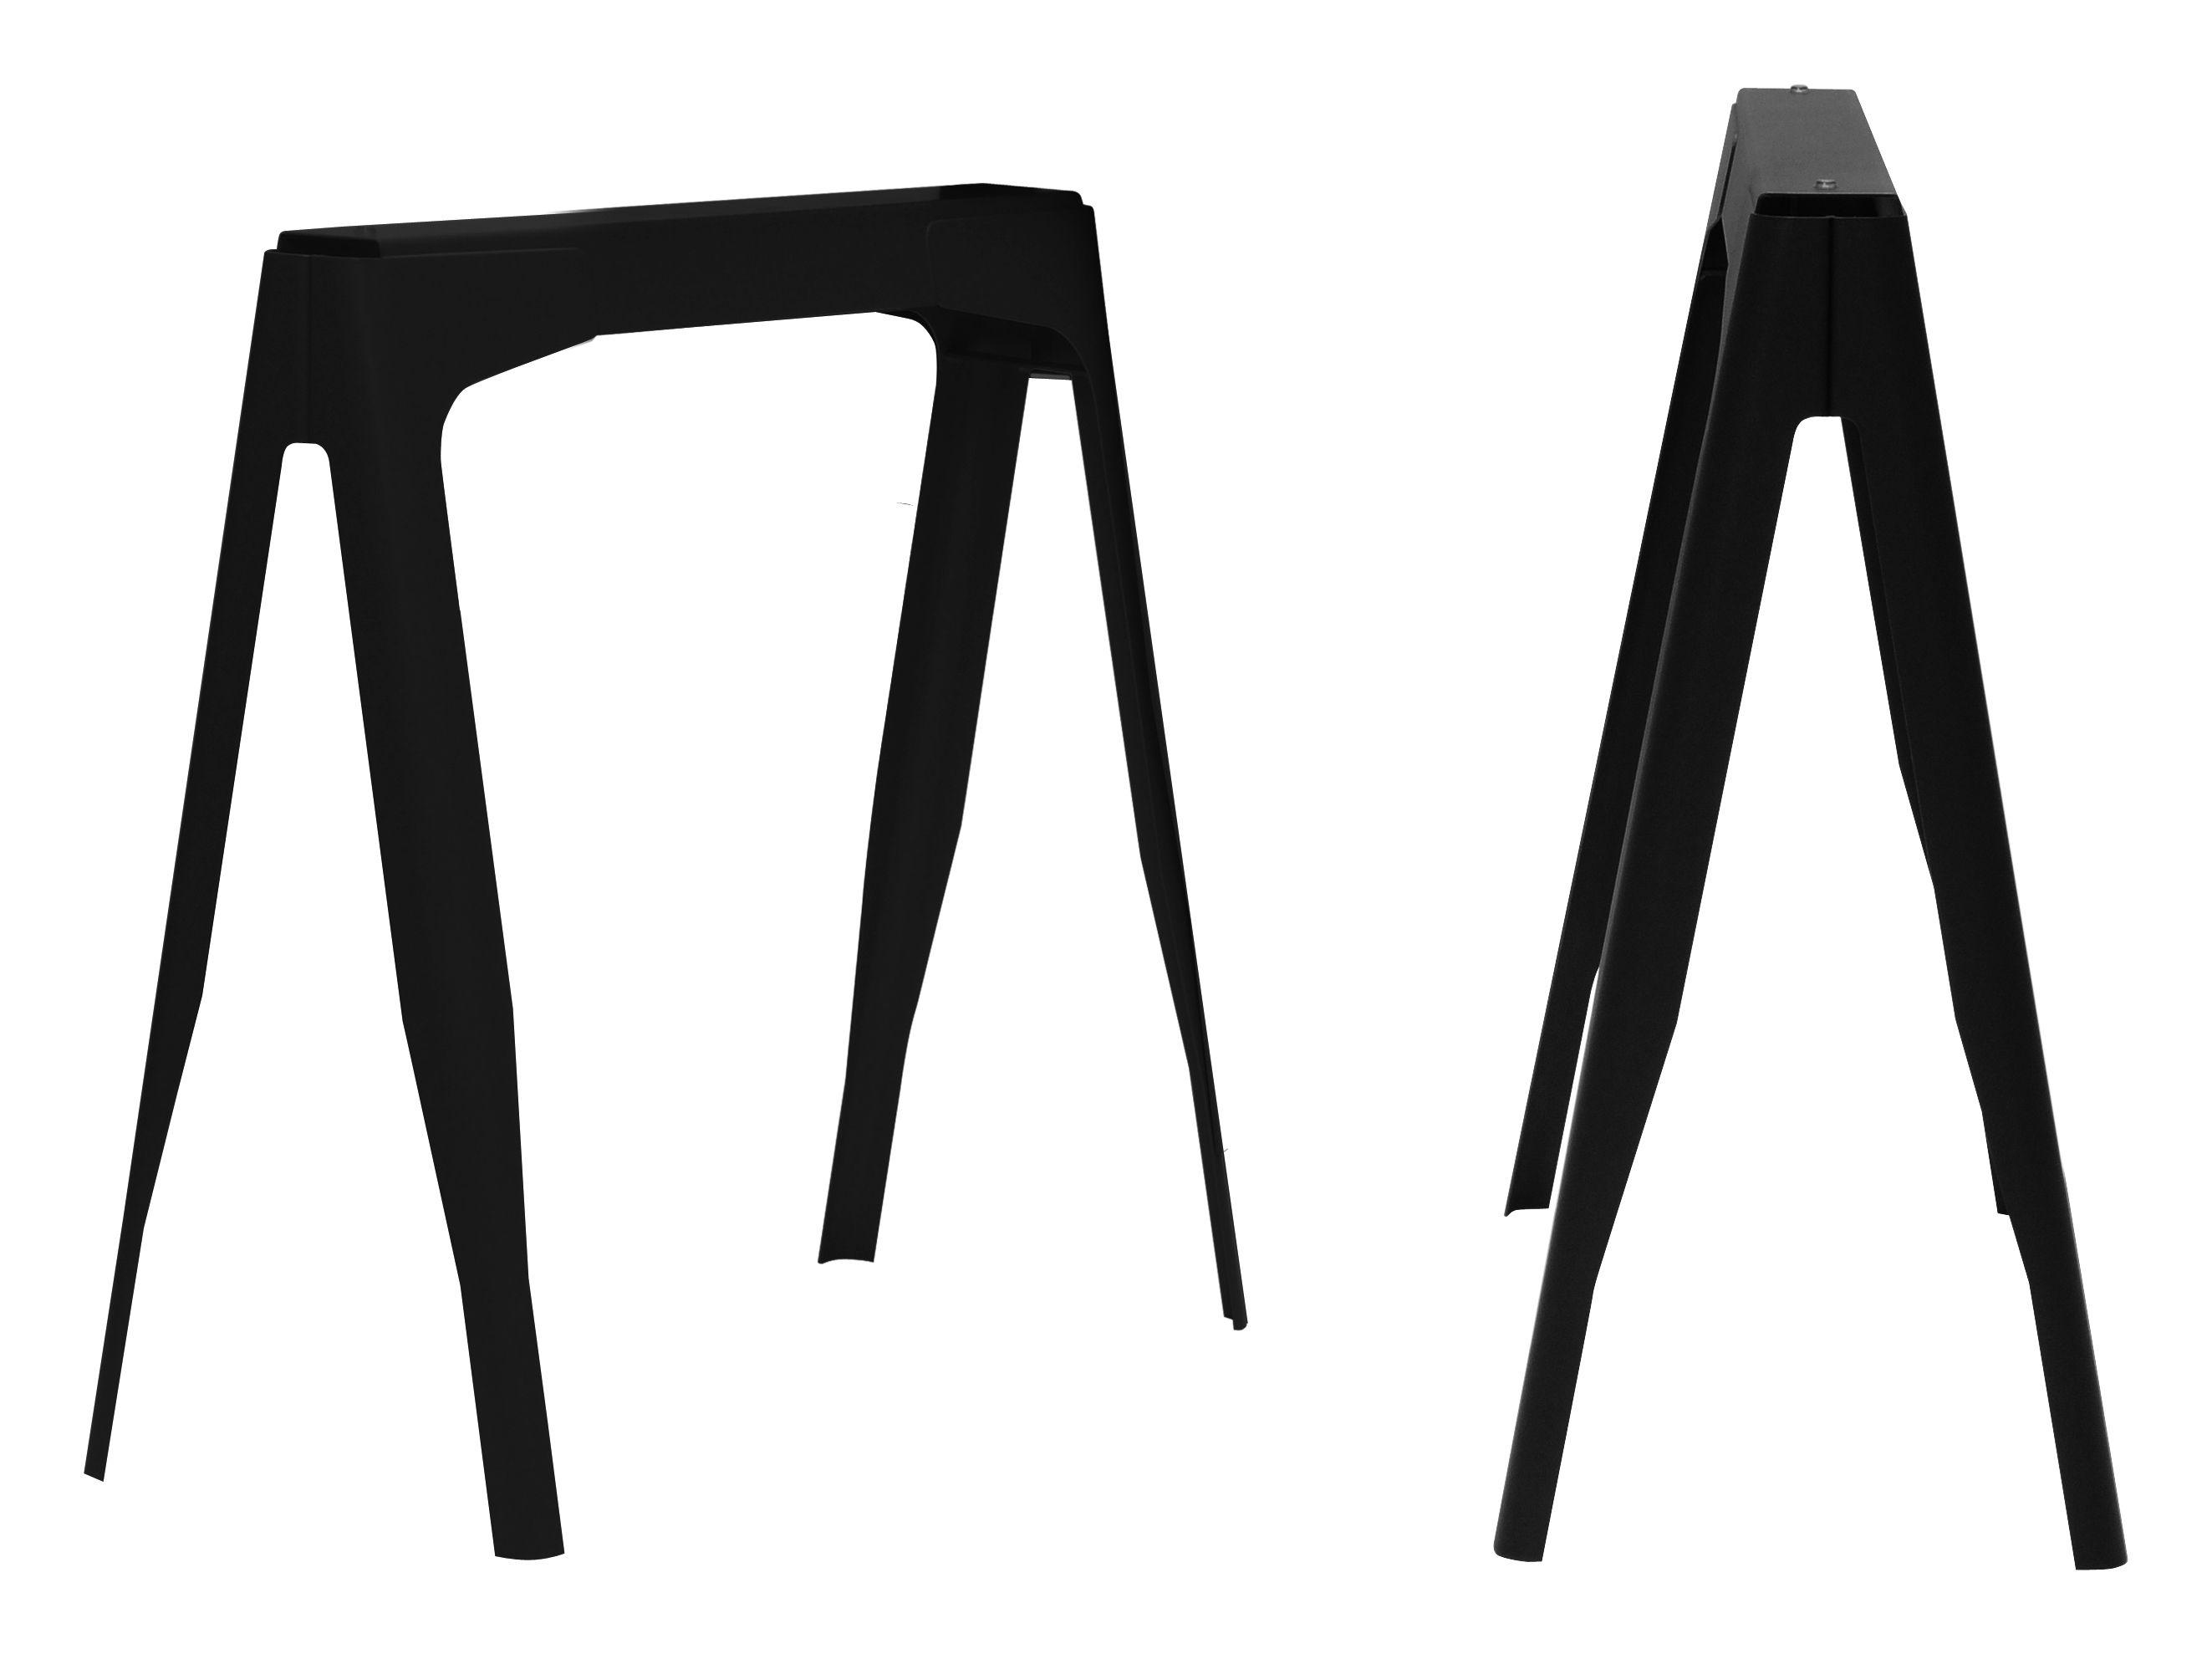 Arredamento - Mobili da ufficio - Coppia di cavaletti Y - confezione da 2 di Tolix - Nero - Acciaio riciclato laccato